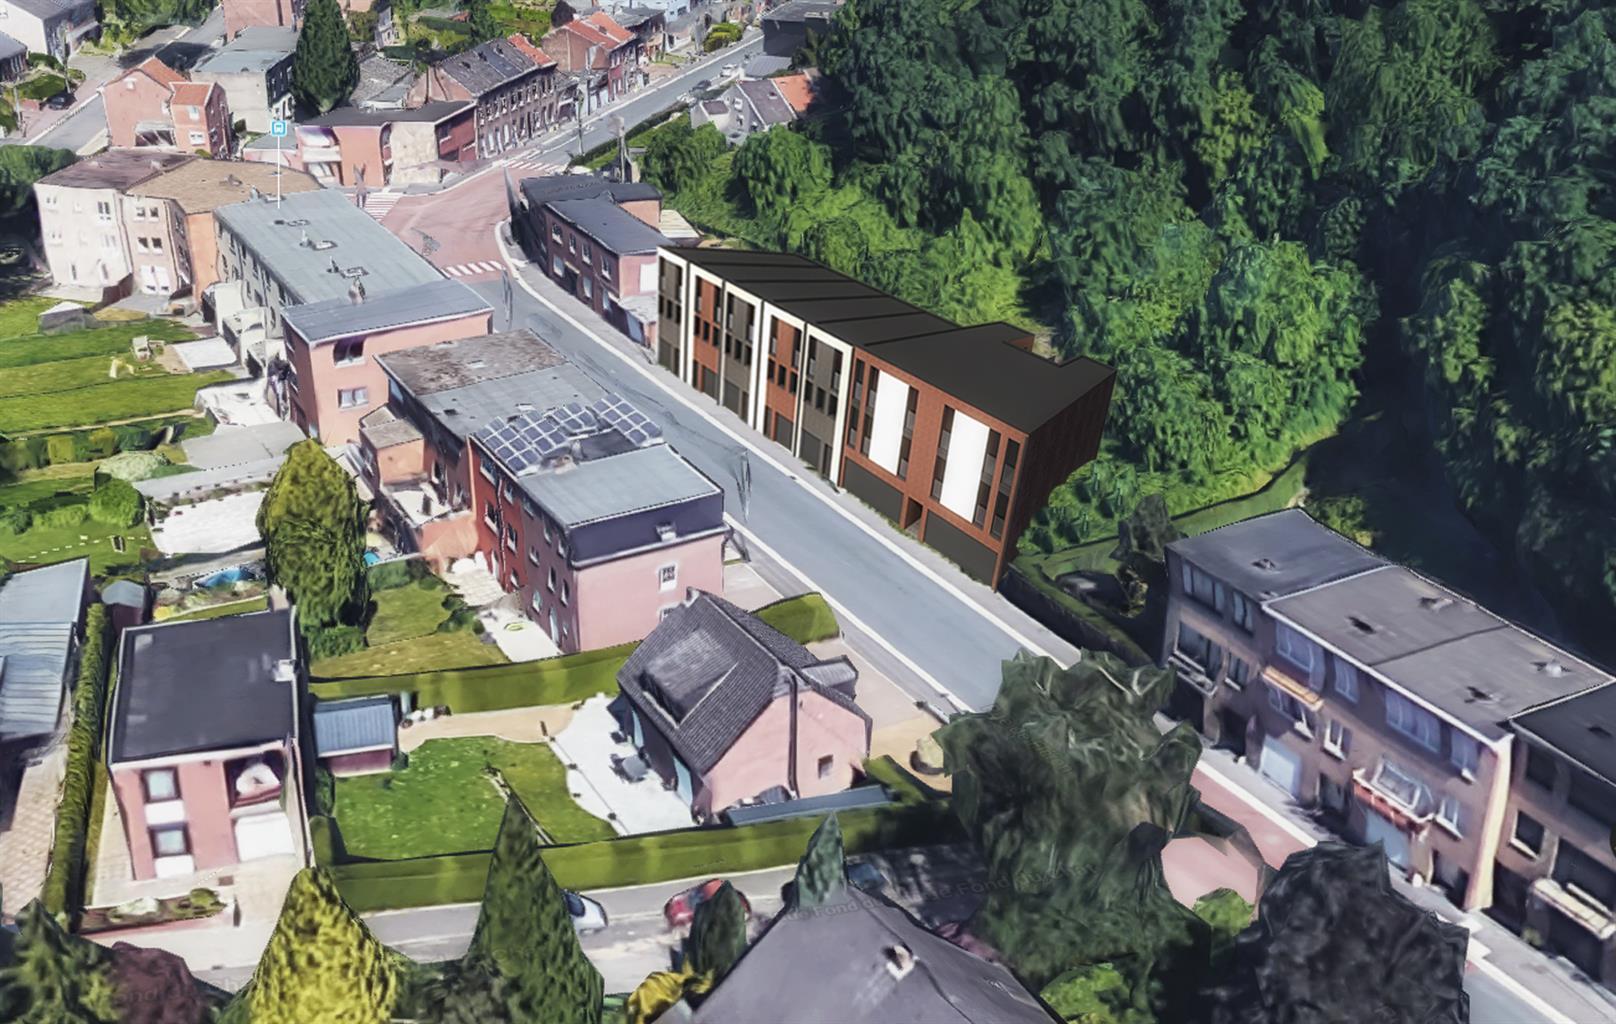 Terrain à bâtir (projets) - Liège Jupille-sur-Meuse - #4447739-10